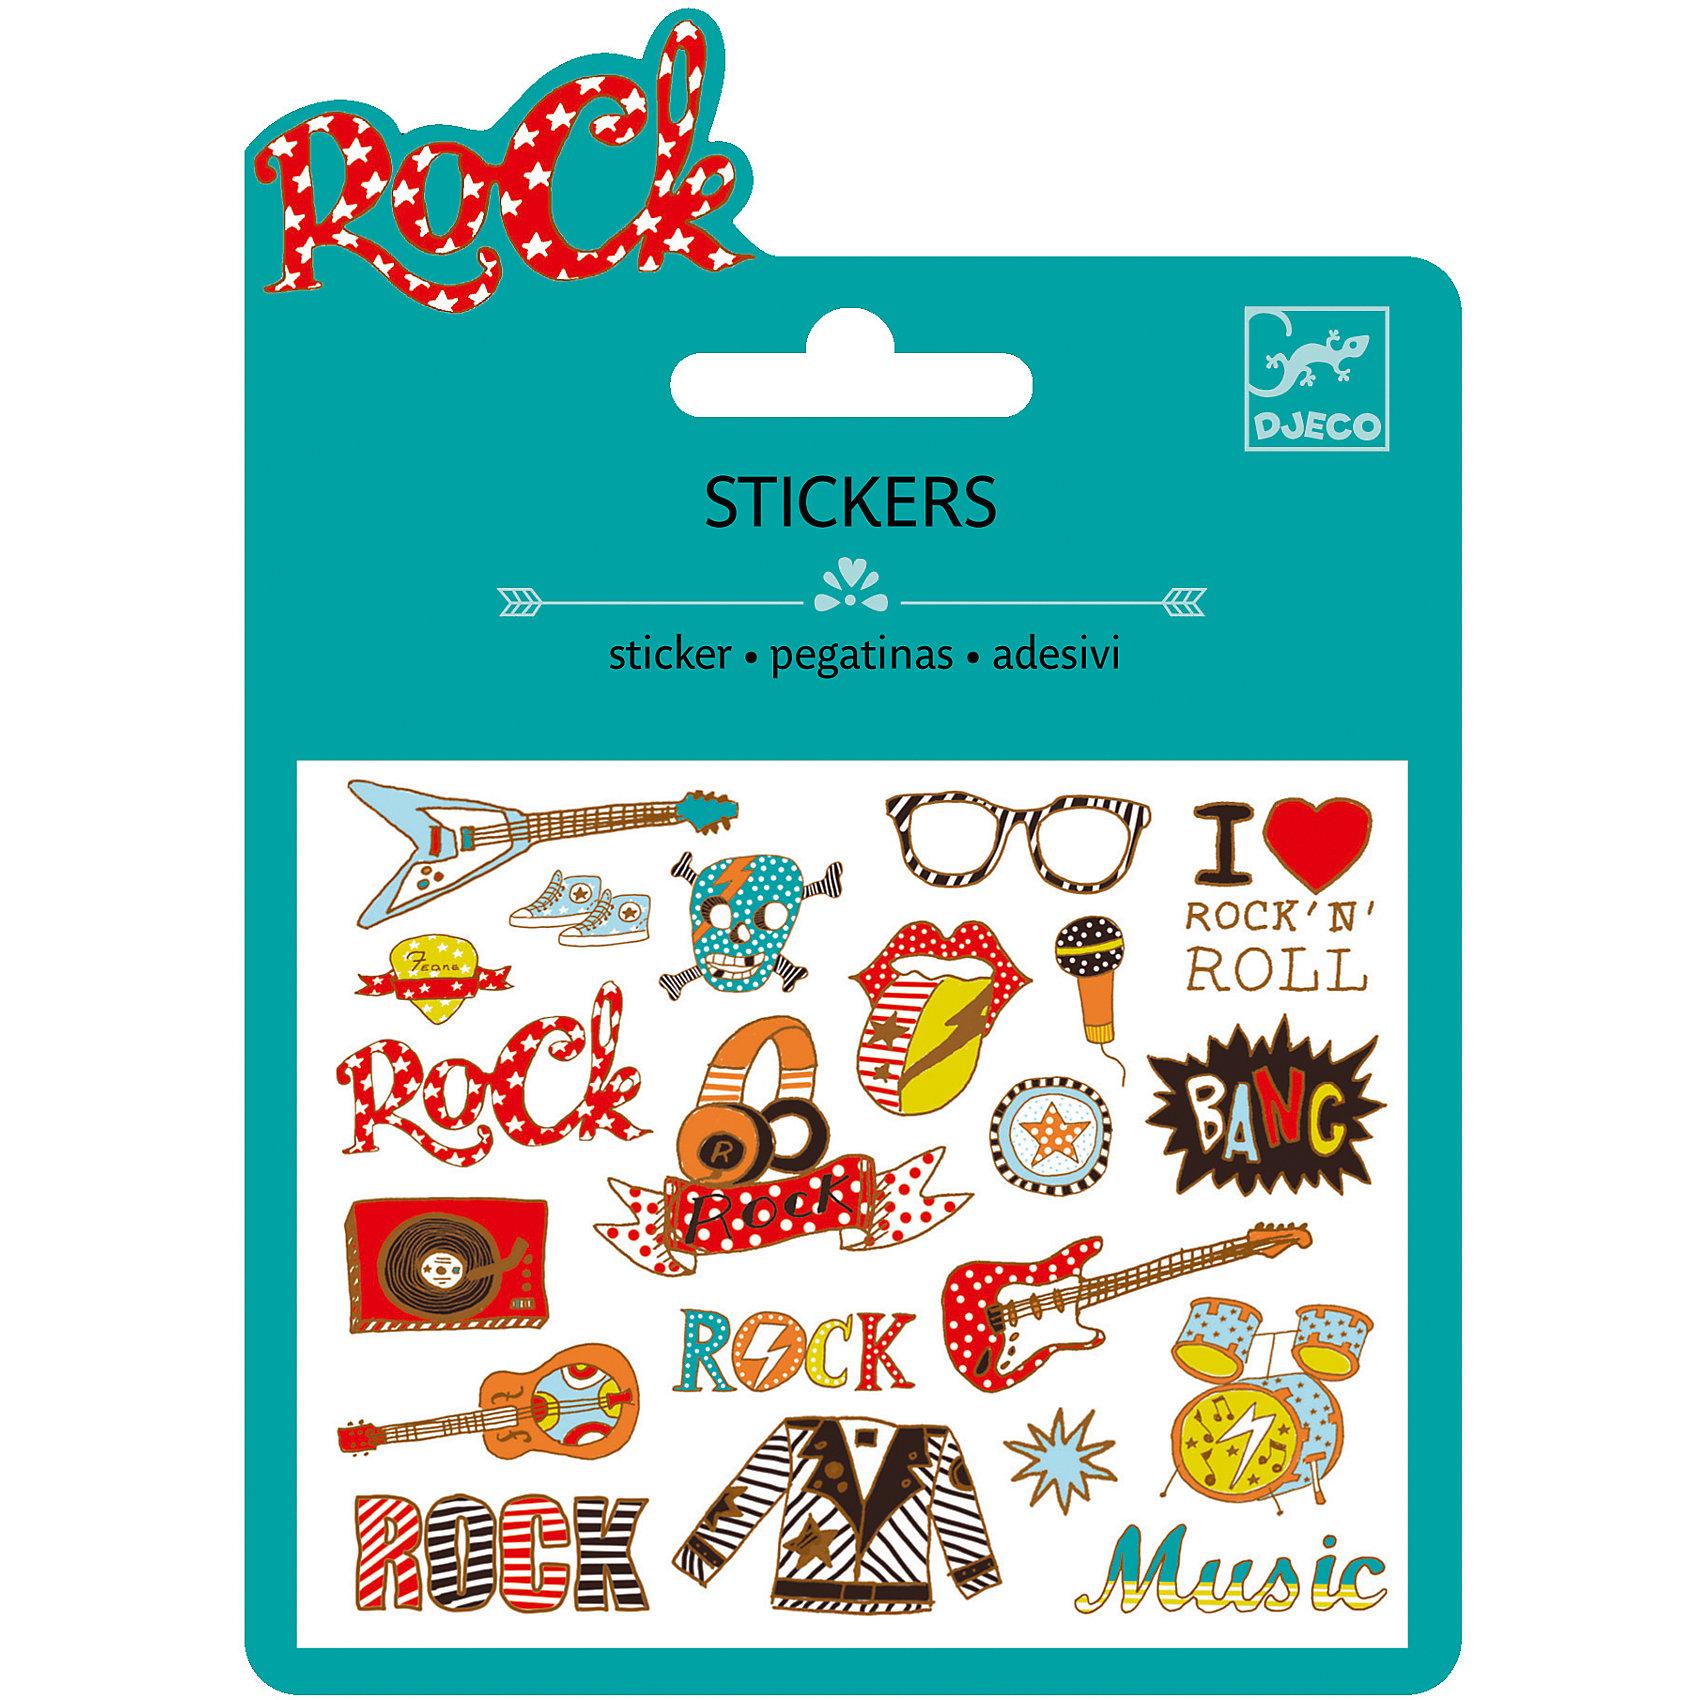 Наклейки Рок-н-ролл, DJECOКниги для развития творческих навыков<br>Характеристики наклейки Рок-н-ролл:<br><br>• возраст: от 3 лет<br>• пол: для девочки<br>• комплект: 1 лист с наклейками.<br>• состав: бумага<br>• размер упаковки: 11.5 х 15.5 см.<br>• упаковка: картонная конверт.<br>• бренд: Djeco<br>• страна обладатель бренда: Франция.<br><br>Набор наклеек Рок-н-ролл от французского бренда Djeco понравится всем фанатам молодежной музыки. В наборе имеется лист со стикерами, на которых изображены различные предметы, тем или иным образом ассоциирующиеся с данным музыкальным течением. Стикеры можно наклеить в тетради, дневнике или использовать при создании авторской поздравительной открытки. Модные и яркие наклейки понравятся не только детям, но и взрослым.<br><br>Наклейки Рок-н-ролл торговой марки Djeco (Джеко) можно купить в нашем интернет-магазине.<br><br>Ширина мм: 110<br>Глубина мм: 16<br>Высота мм: 10<br>Вес г: 10<br>Возраст от месяцев: 36<br>Возраст до месяцев: 2147483647<br>Пол: Женский<br>Возраст: Детский<br>SKU: 5448840